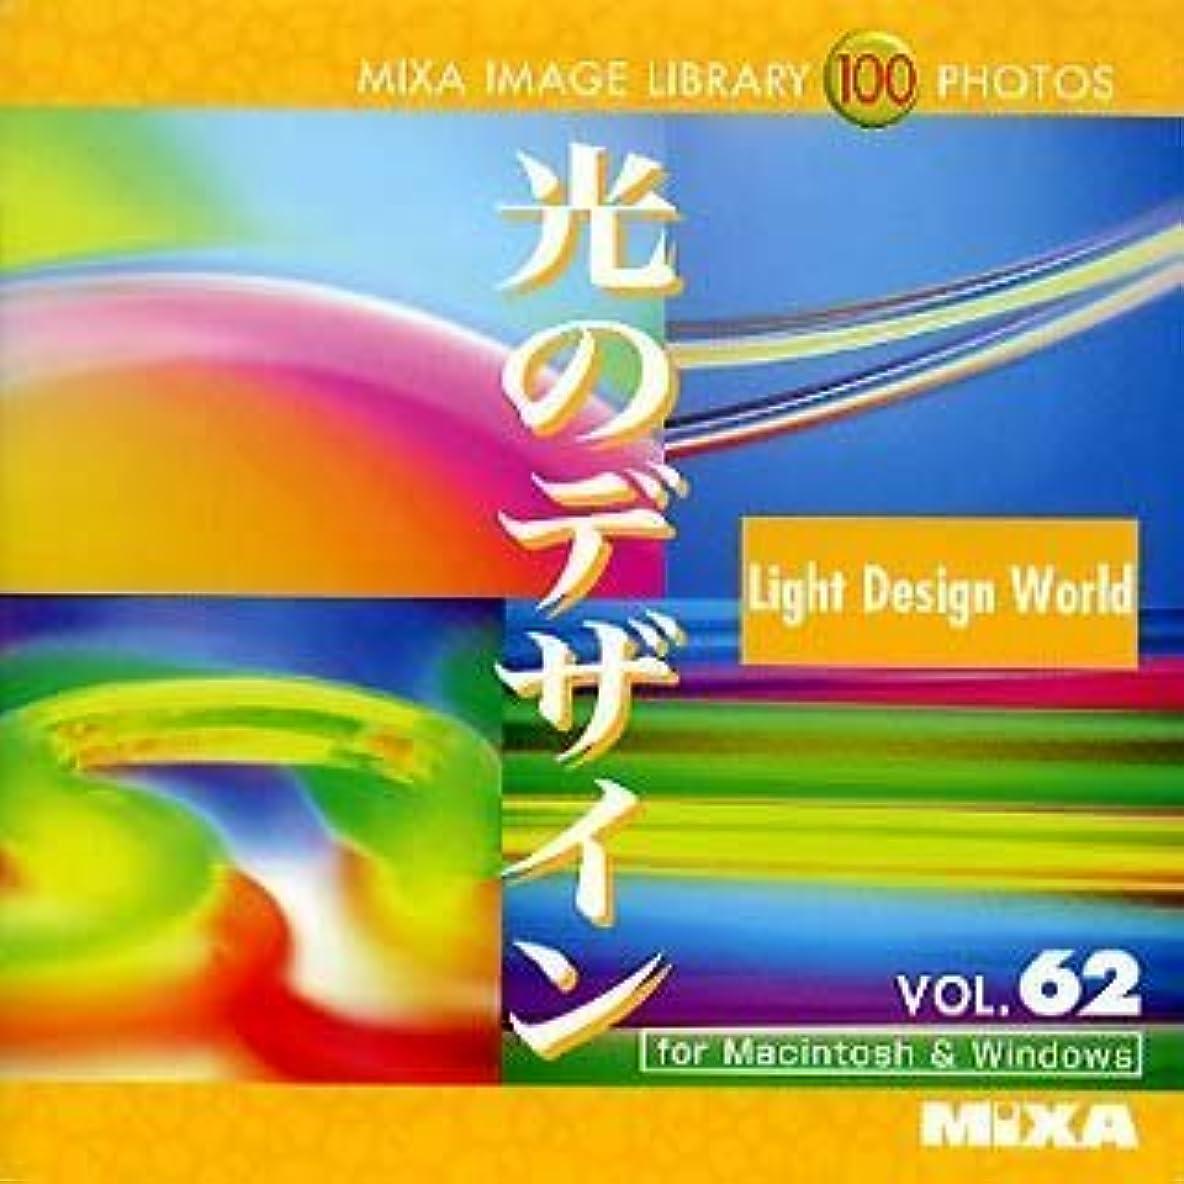 決めます溶けた一般化するMIXA Image Library Vol.62「光のデザイン」